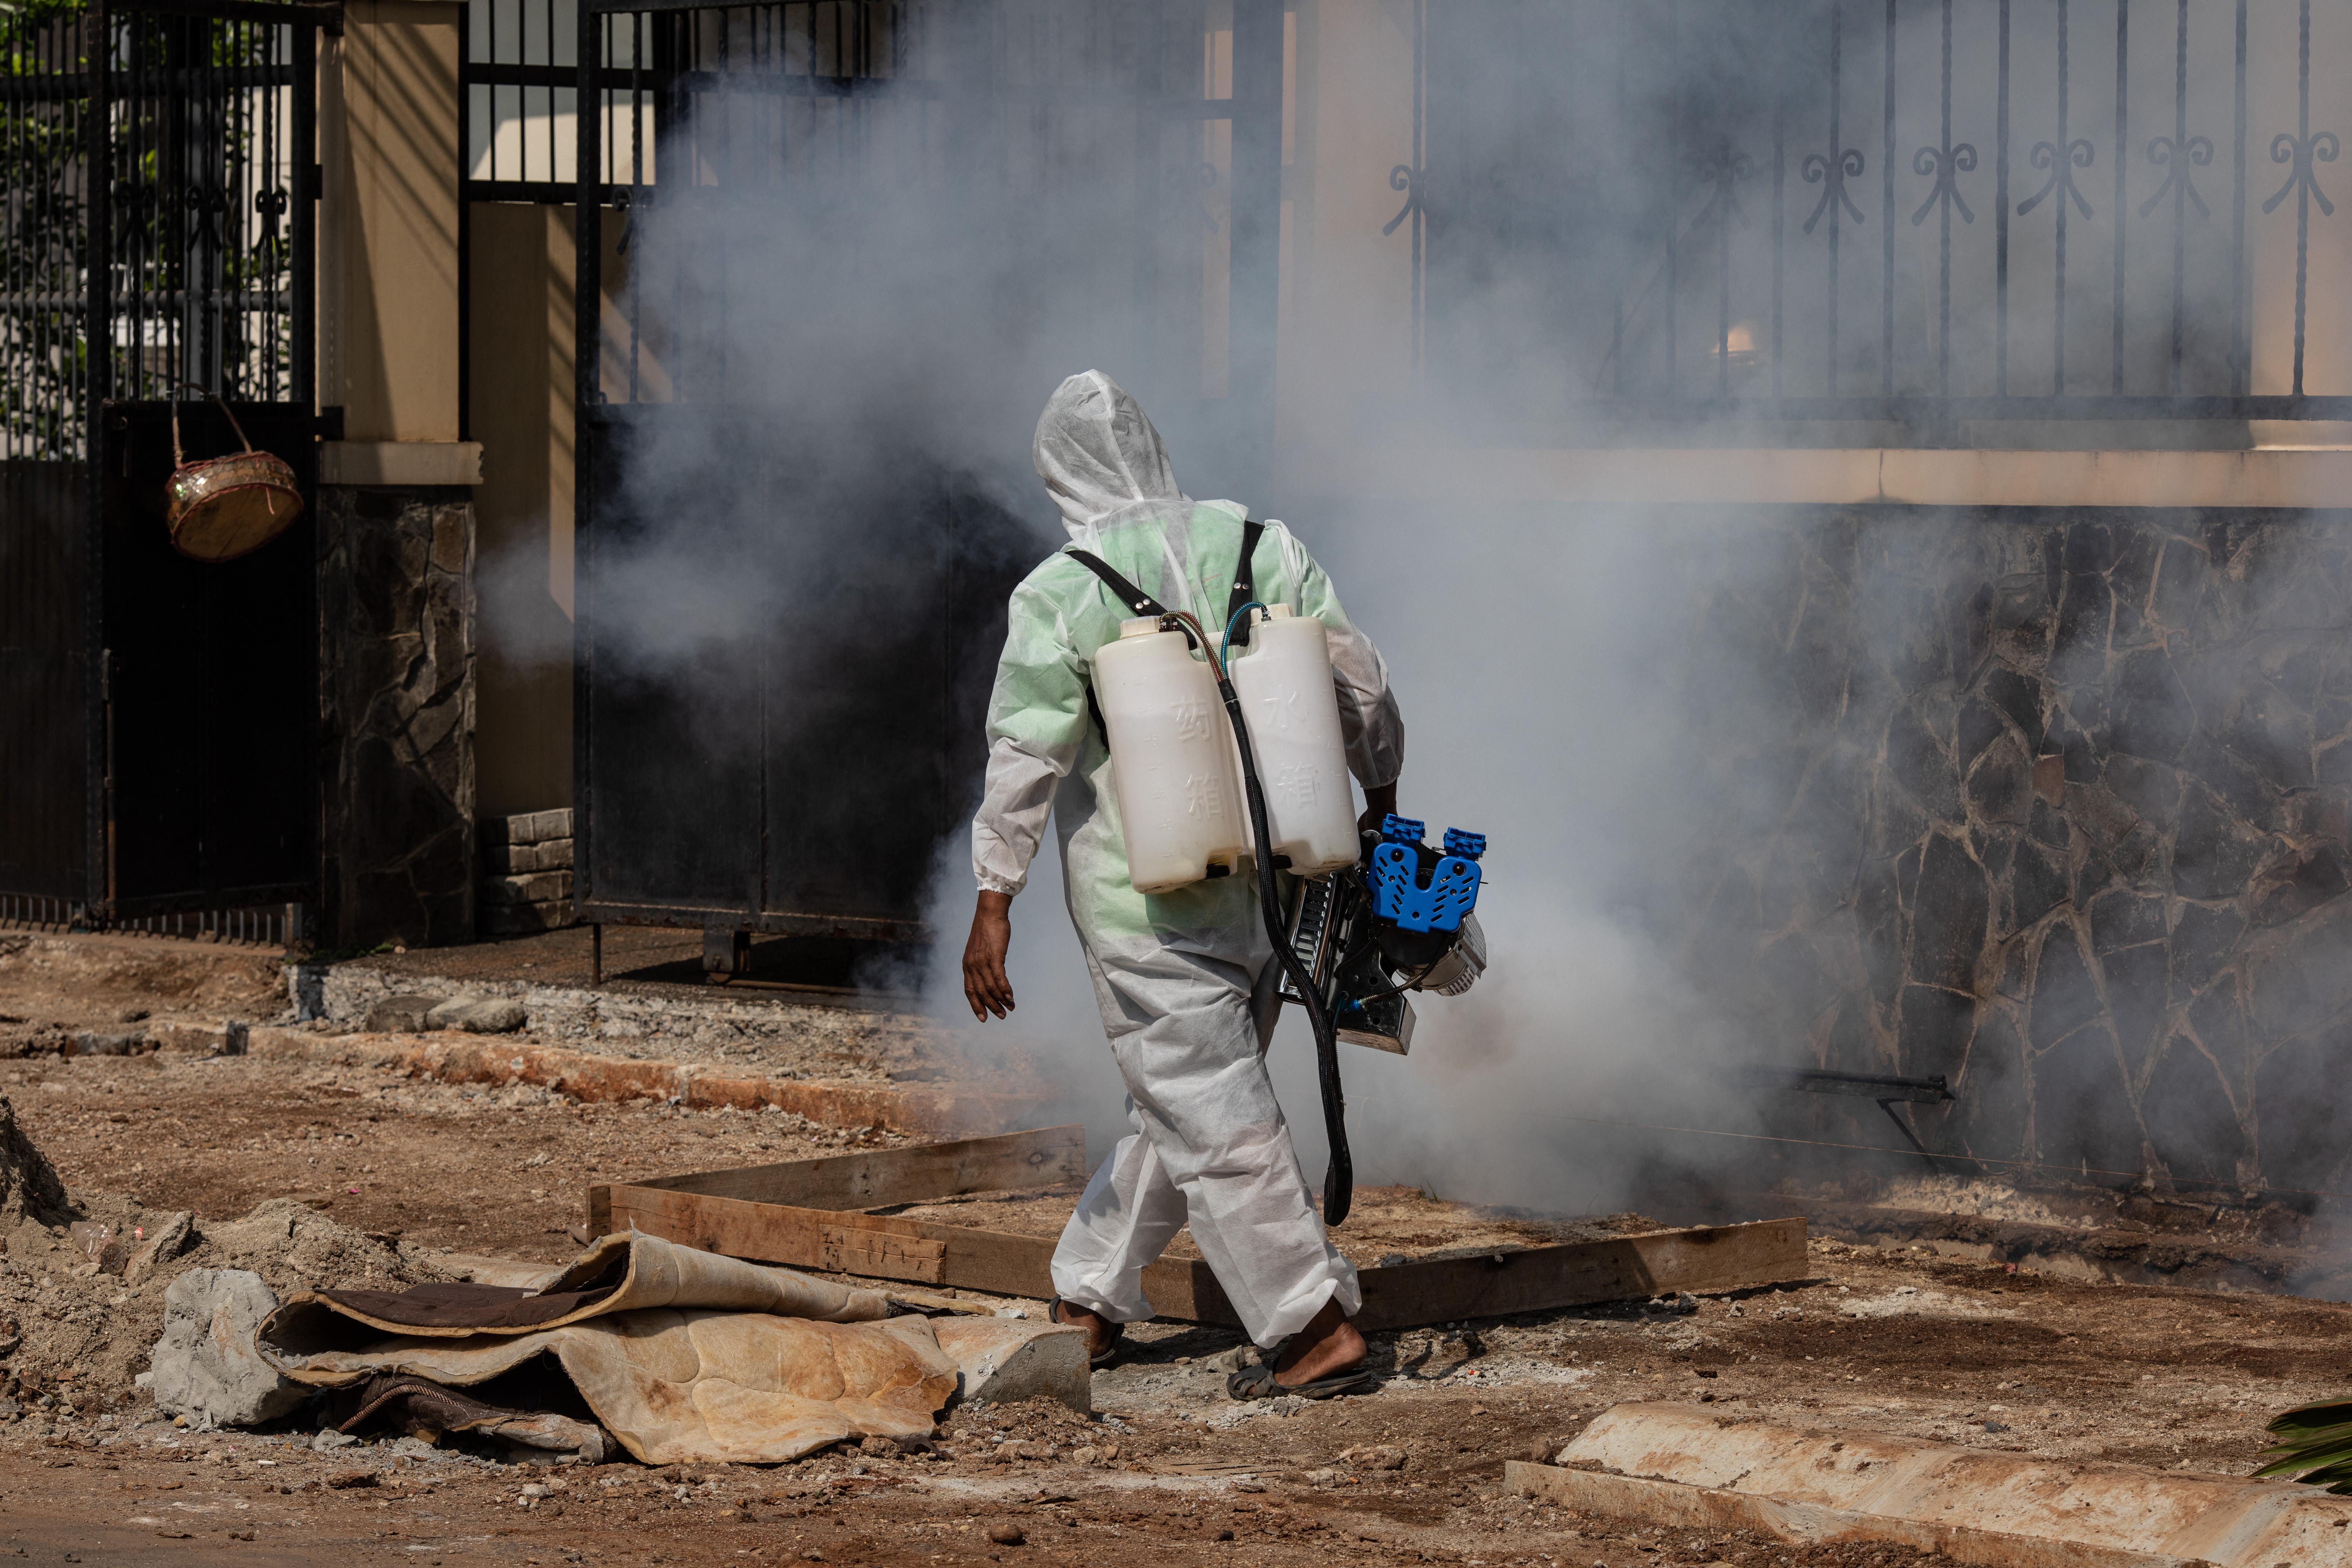 1994 után először bukkant fel az ebola Elefántcsontparton